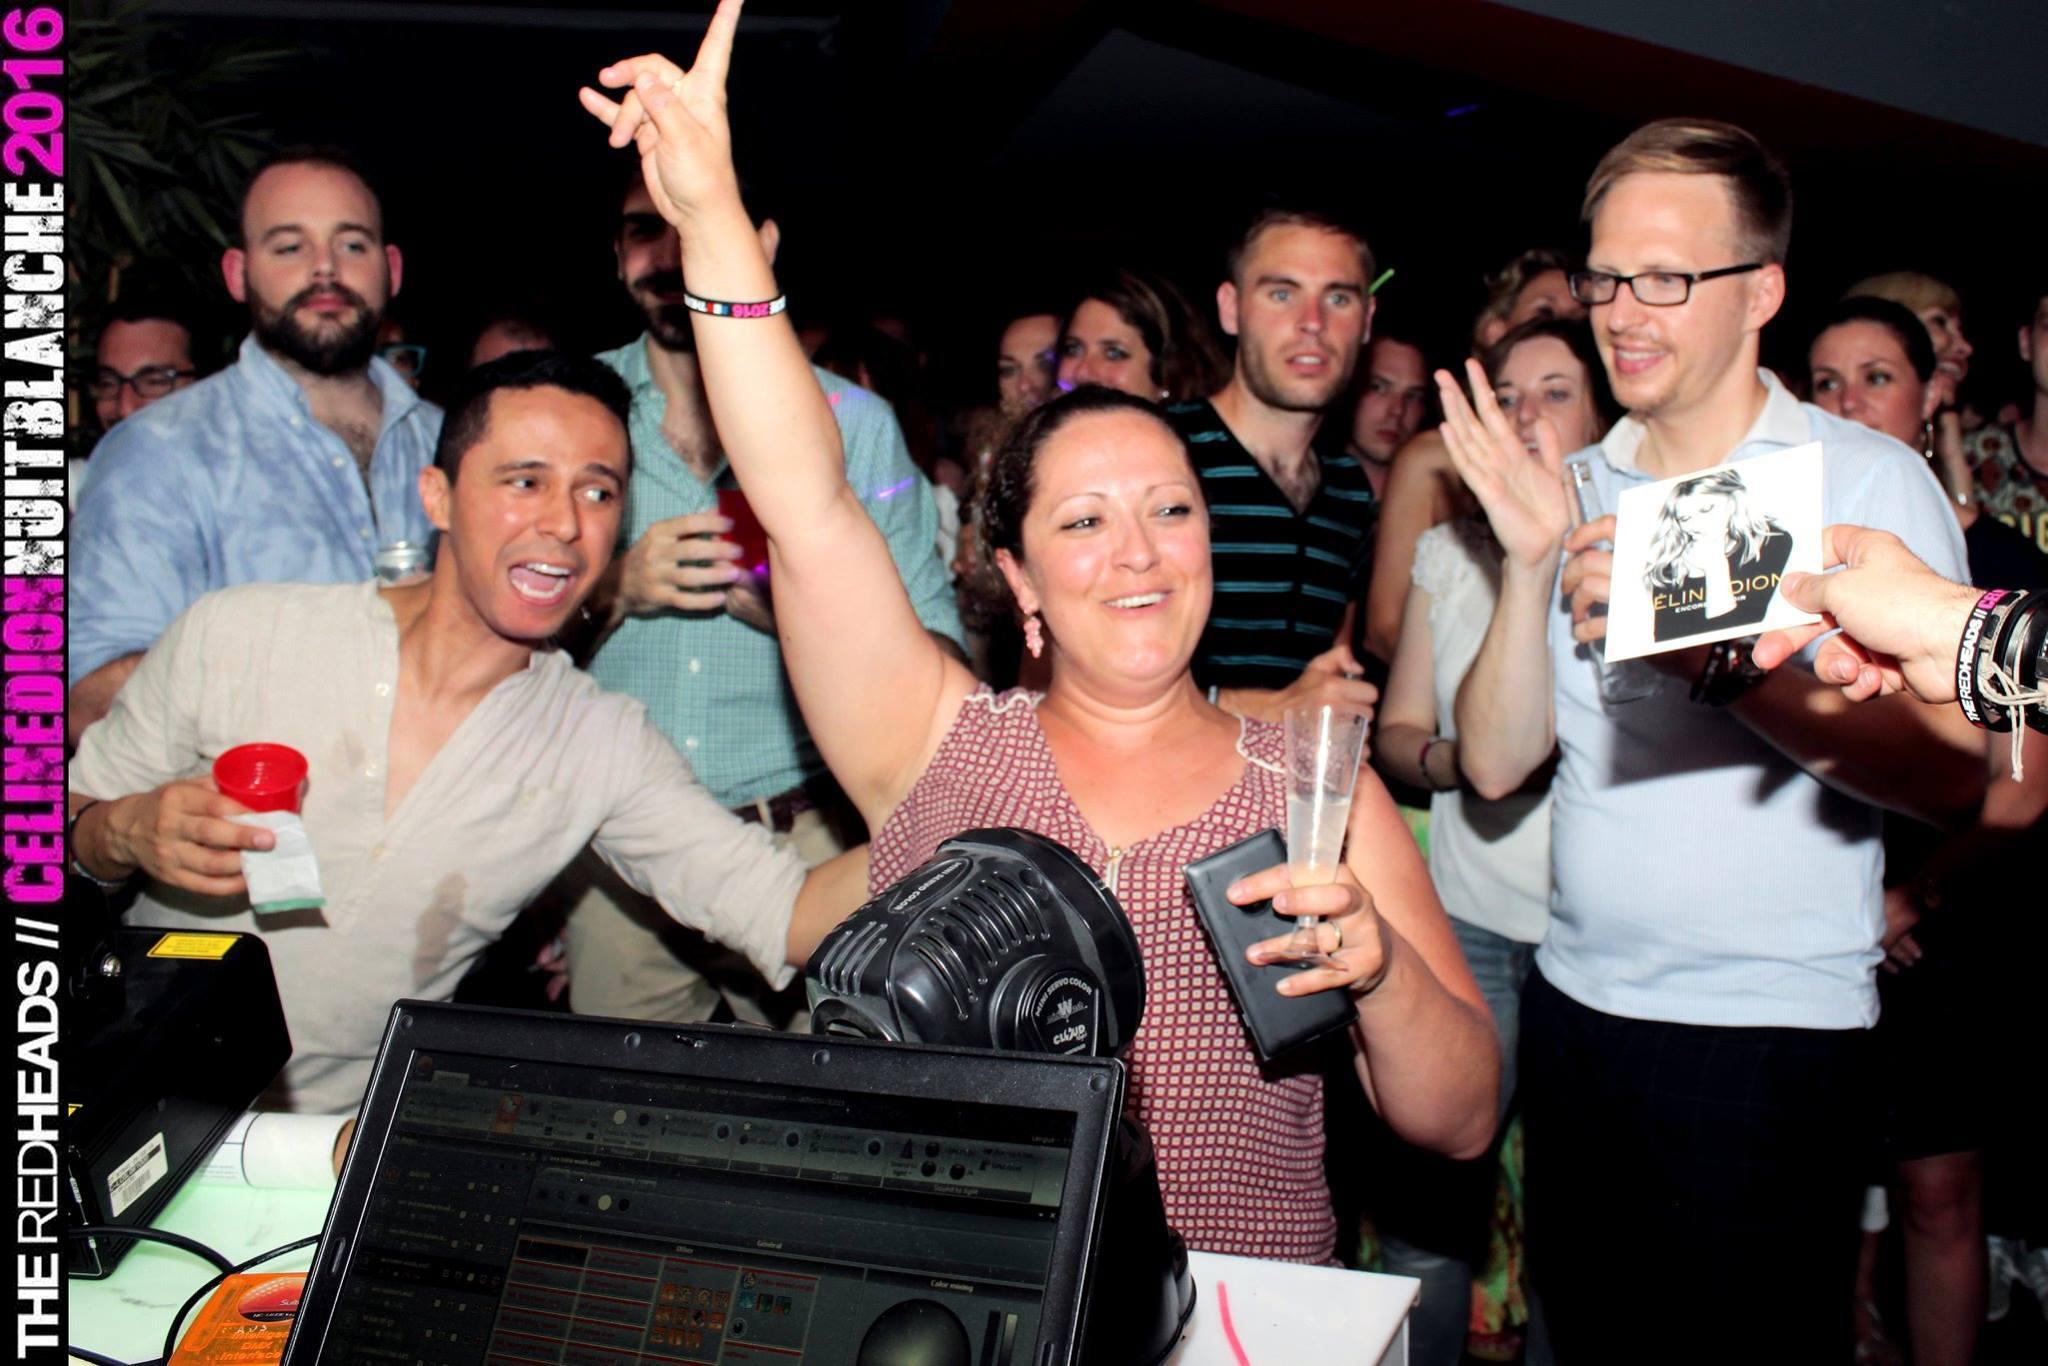 Nuit Blanche - Céline Dion Party